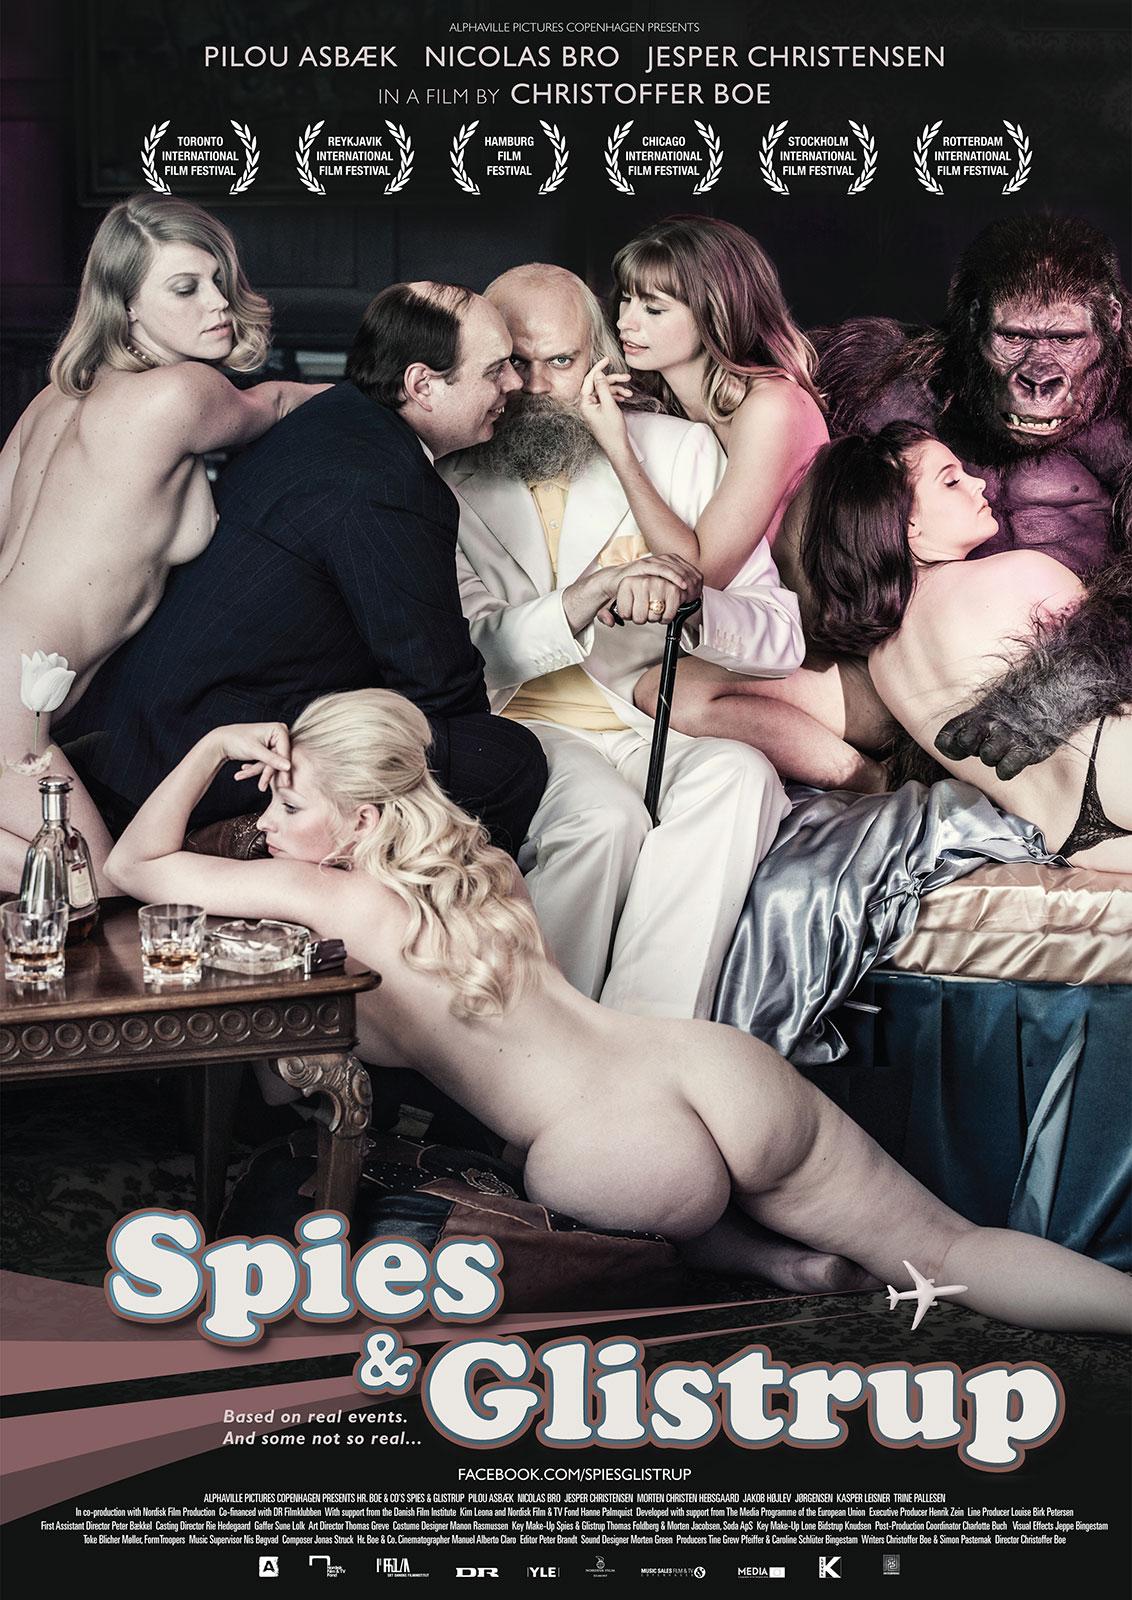 affiche du film Spies & Glistrup